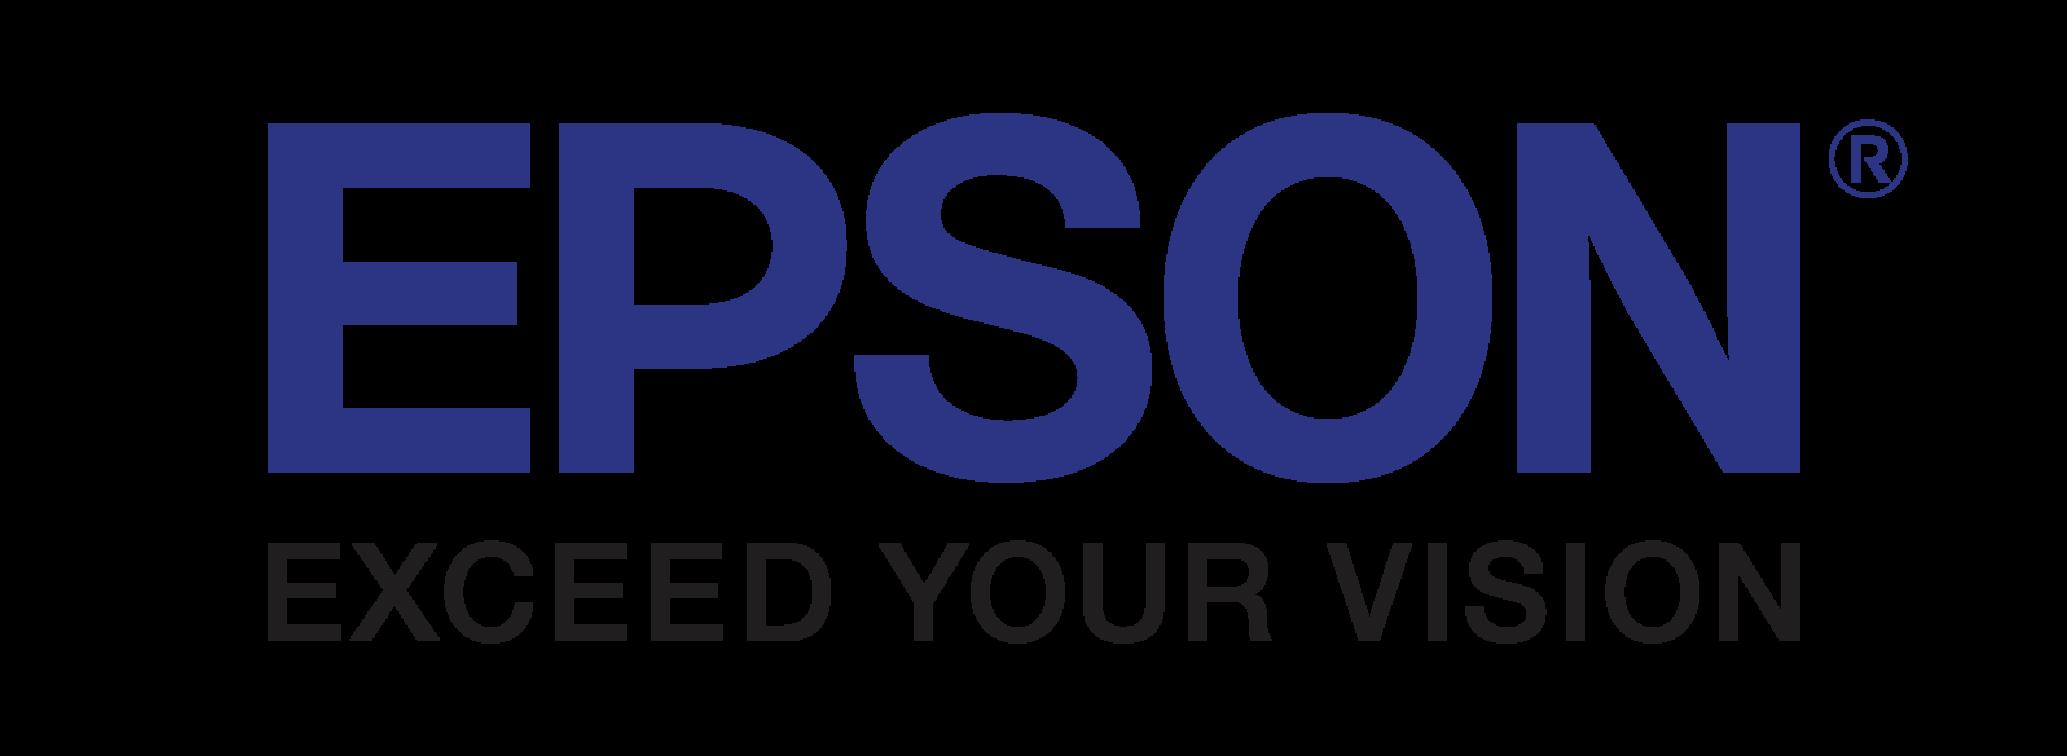 epson logo-03